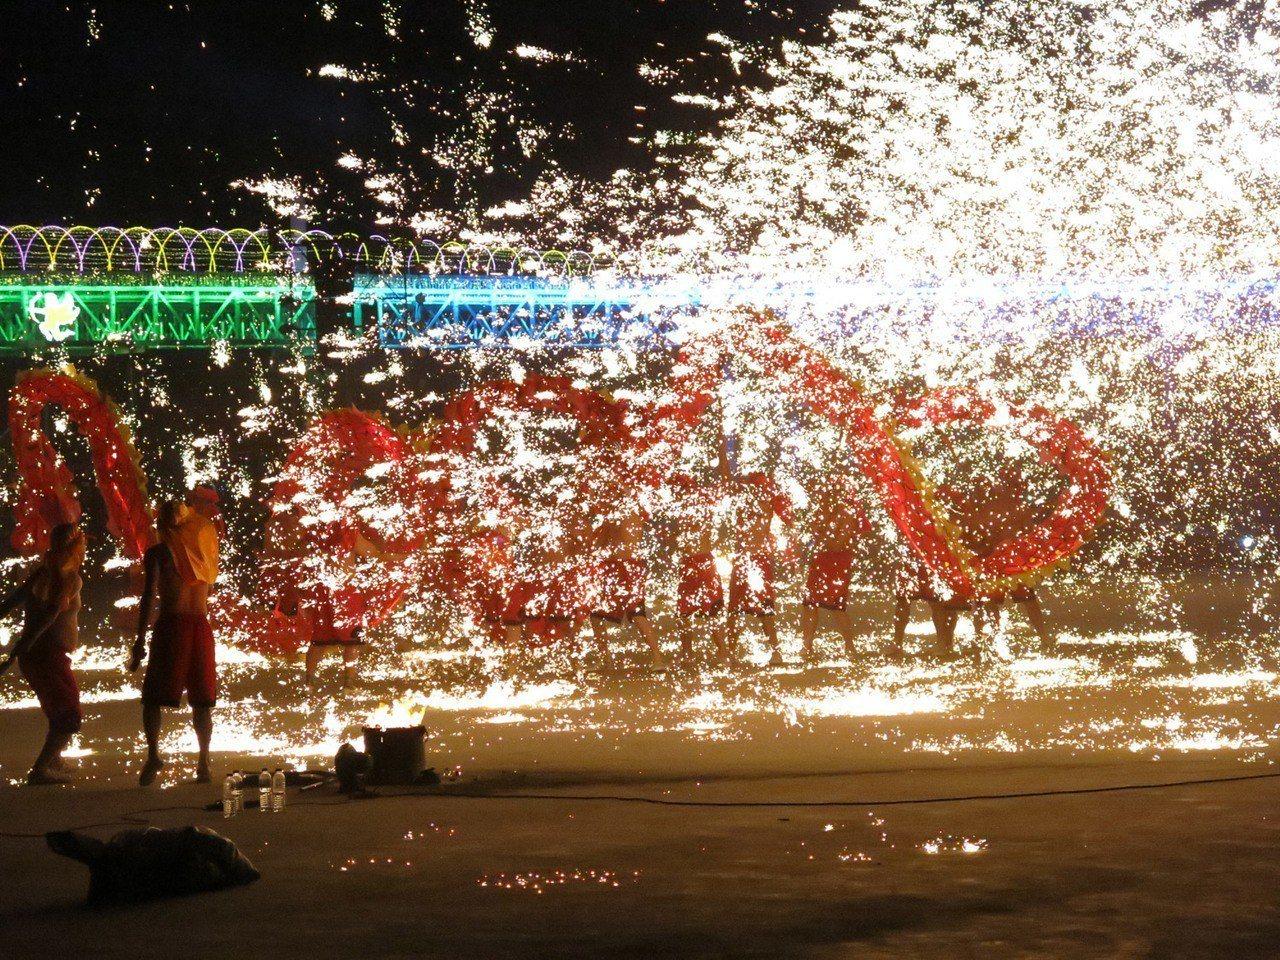 銅梁火龍3度受邀來台參與南投燈會,人潮擠爆貓羅溪兩岸,上萬民眾現場驚呼連連,成為...